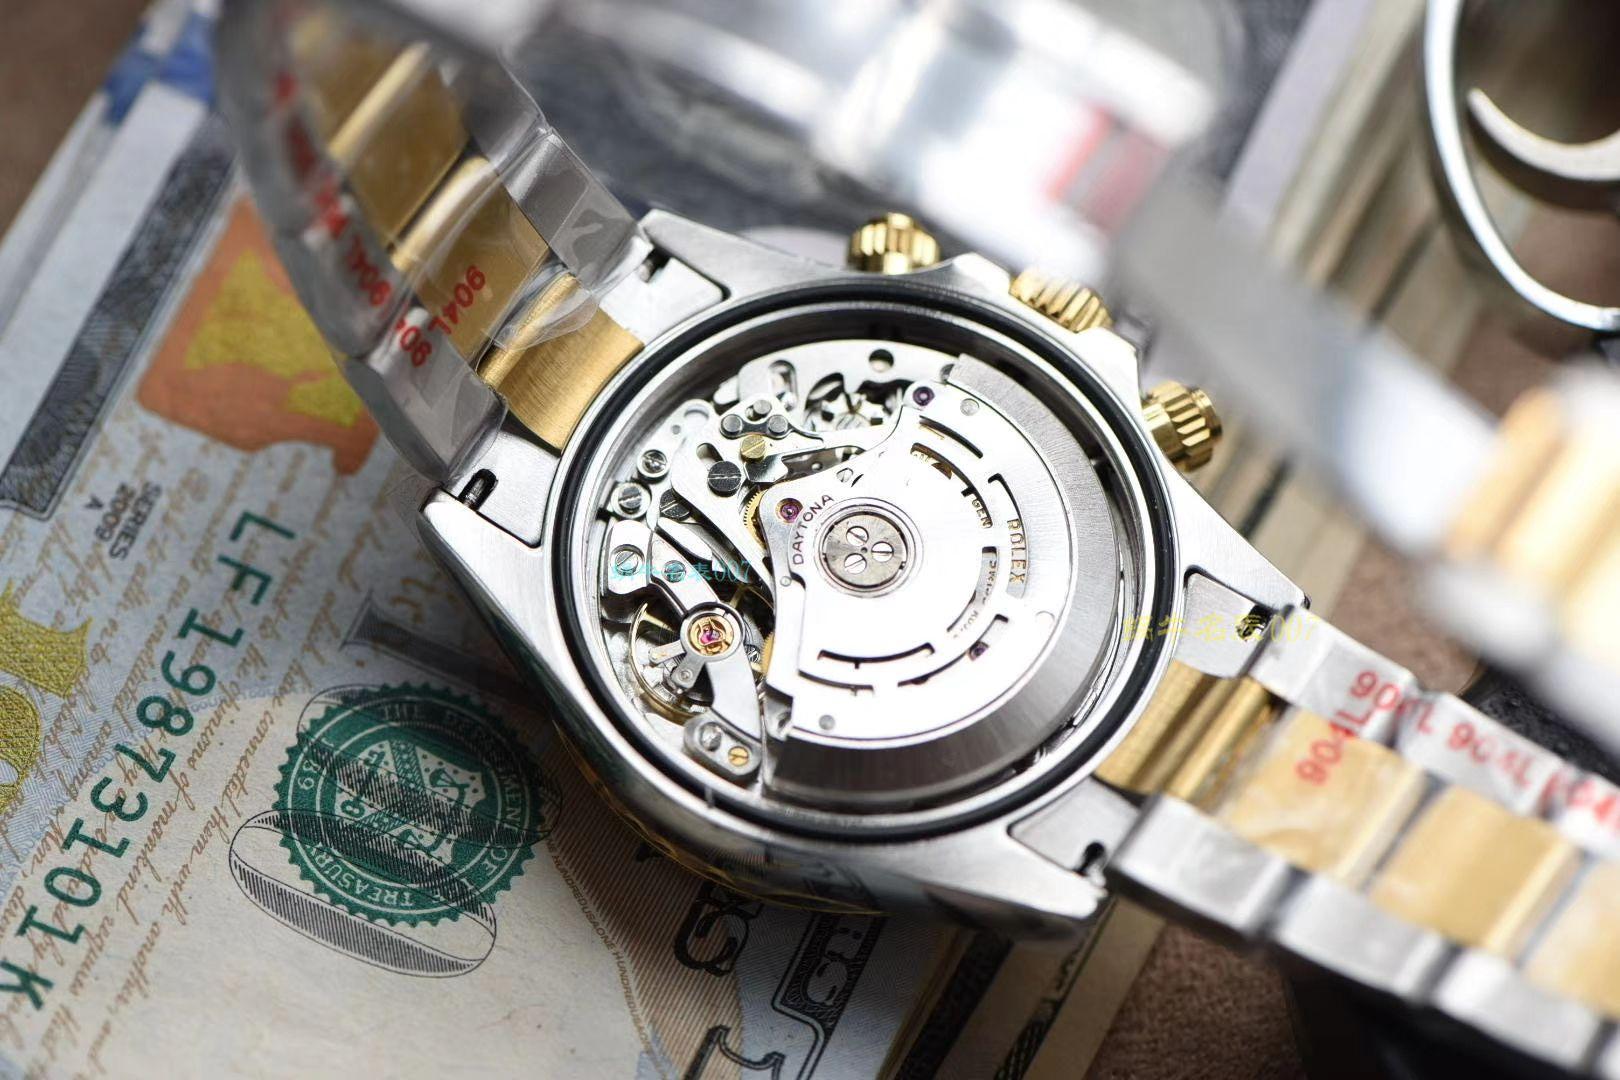 【视频评测NOOB厂最新超级4130】劳力士宇宙计型迪通拿系列m116503-0003腕表 / R569